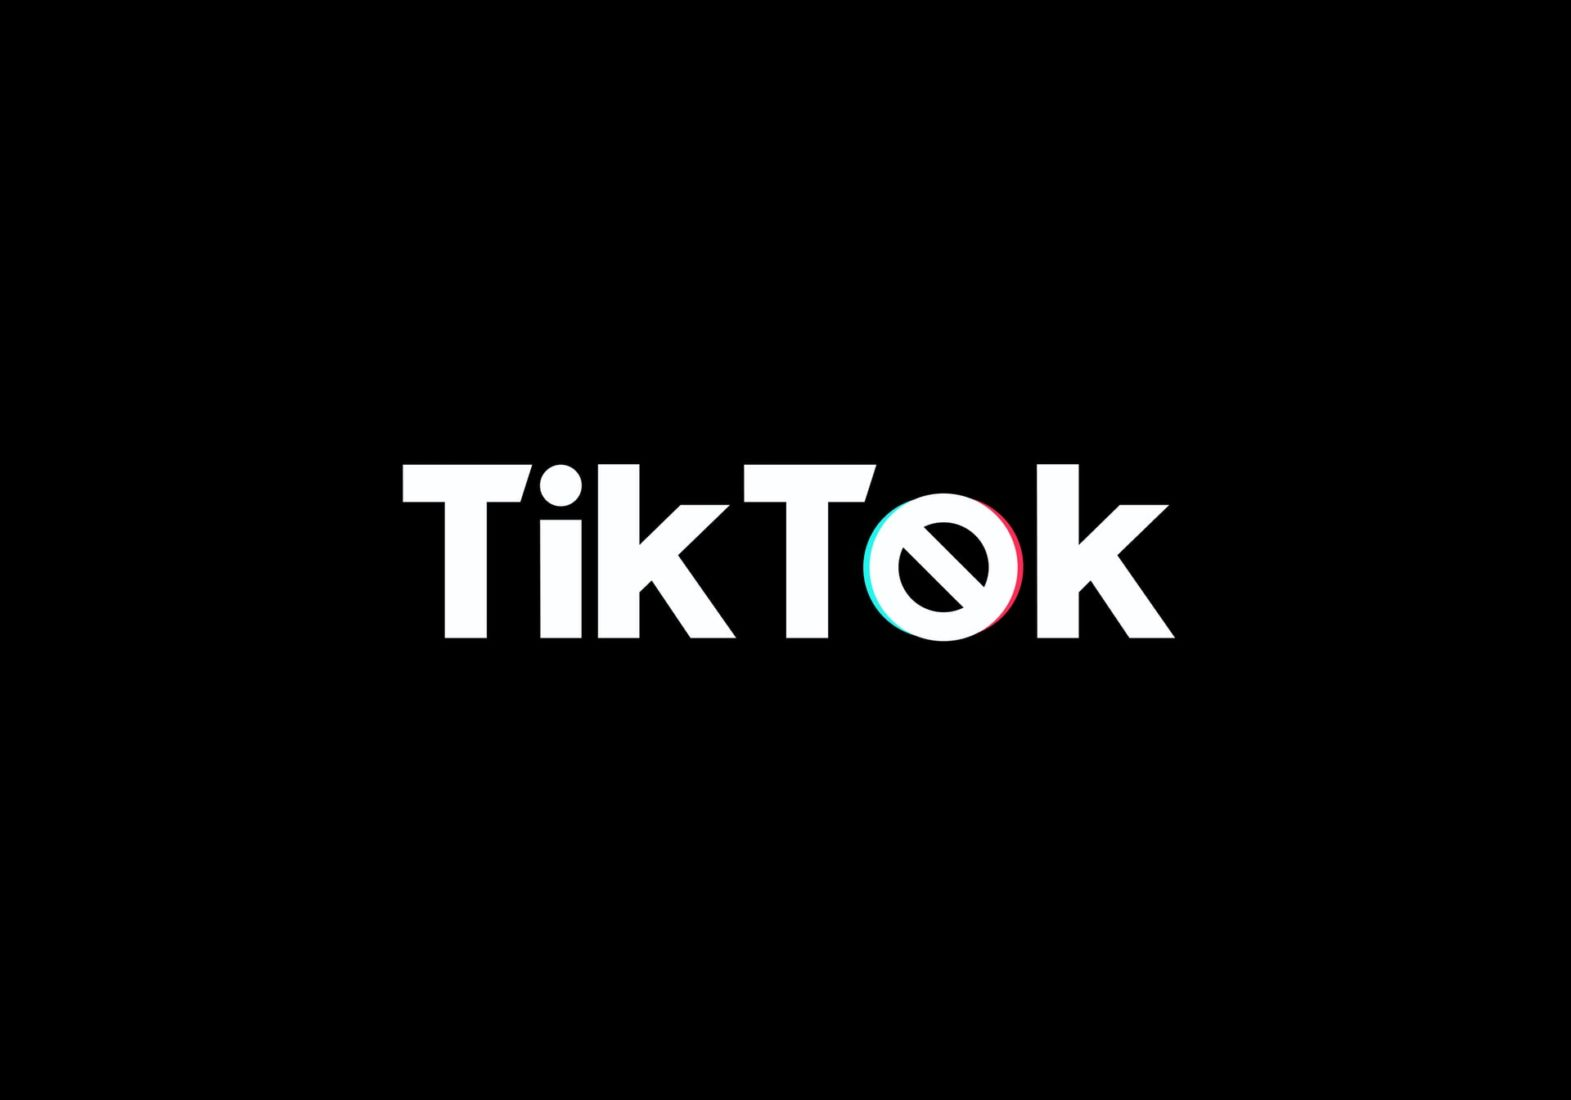 Tik Tok จ่อฟ้อง รบ.สหรัฐ ขัดรธน. ไม่เปิดโอกาสให้ชี้แจง | Tadoo